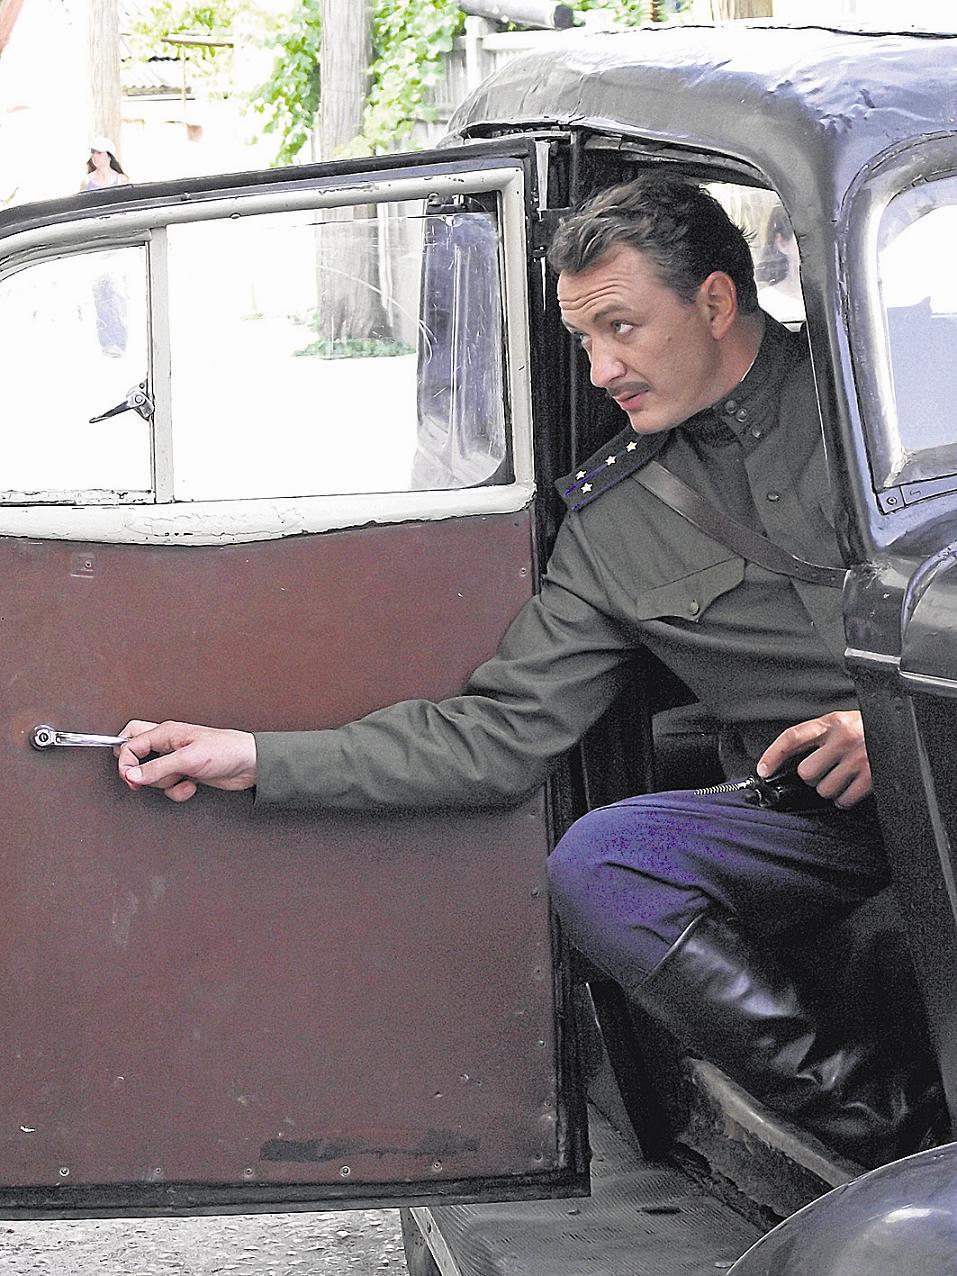 Валентин лавришин генерал нквд википедия фото 722-135